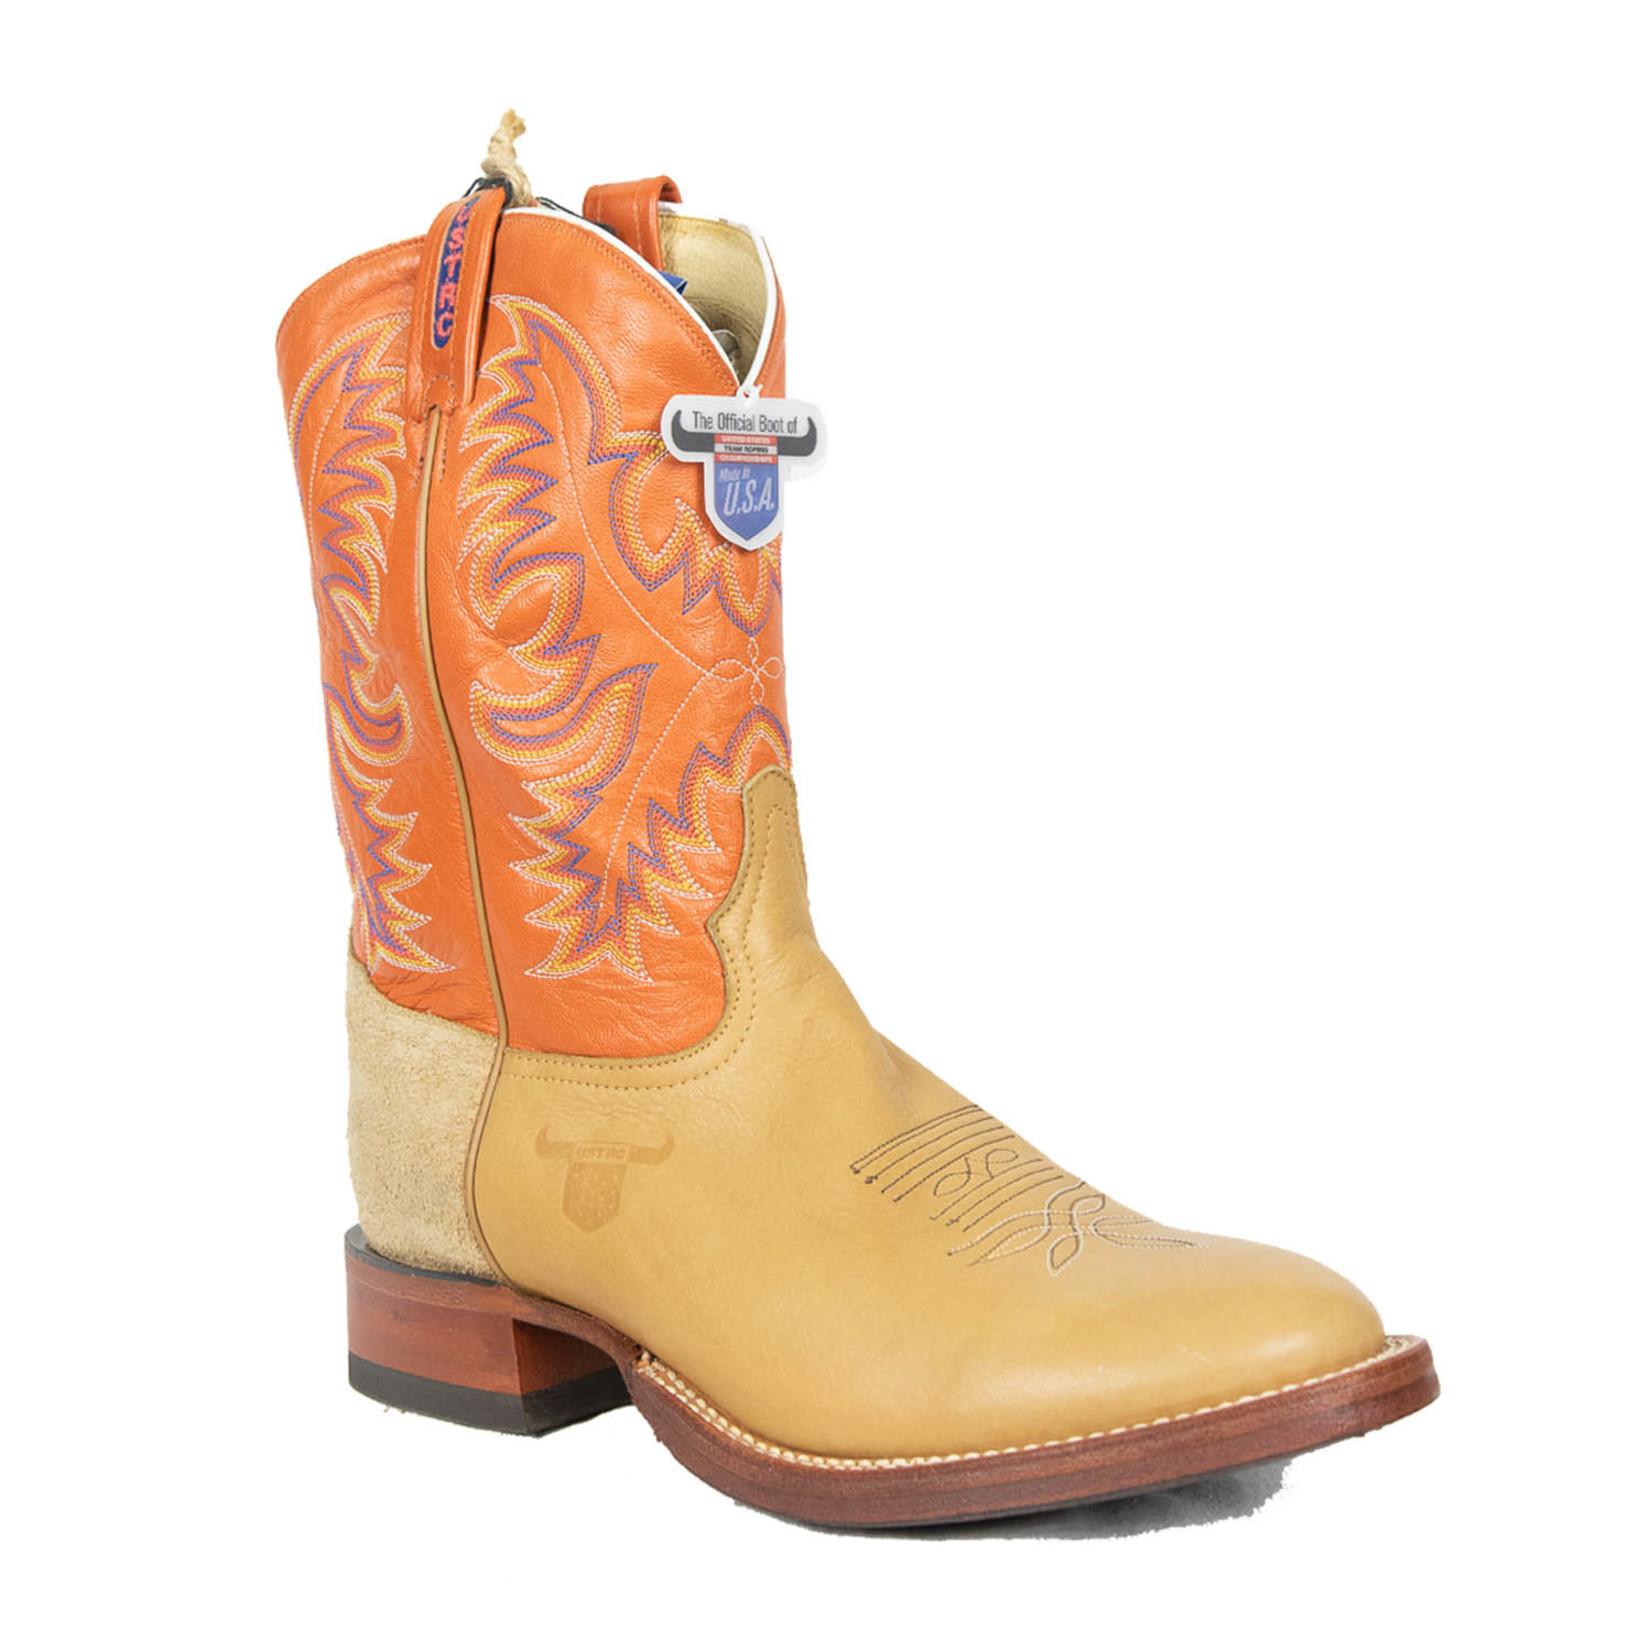 Tony Lama Tony Lama Men's Cowboy Boot 4973 2E